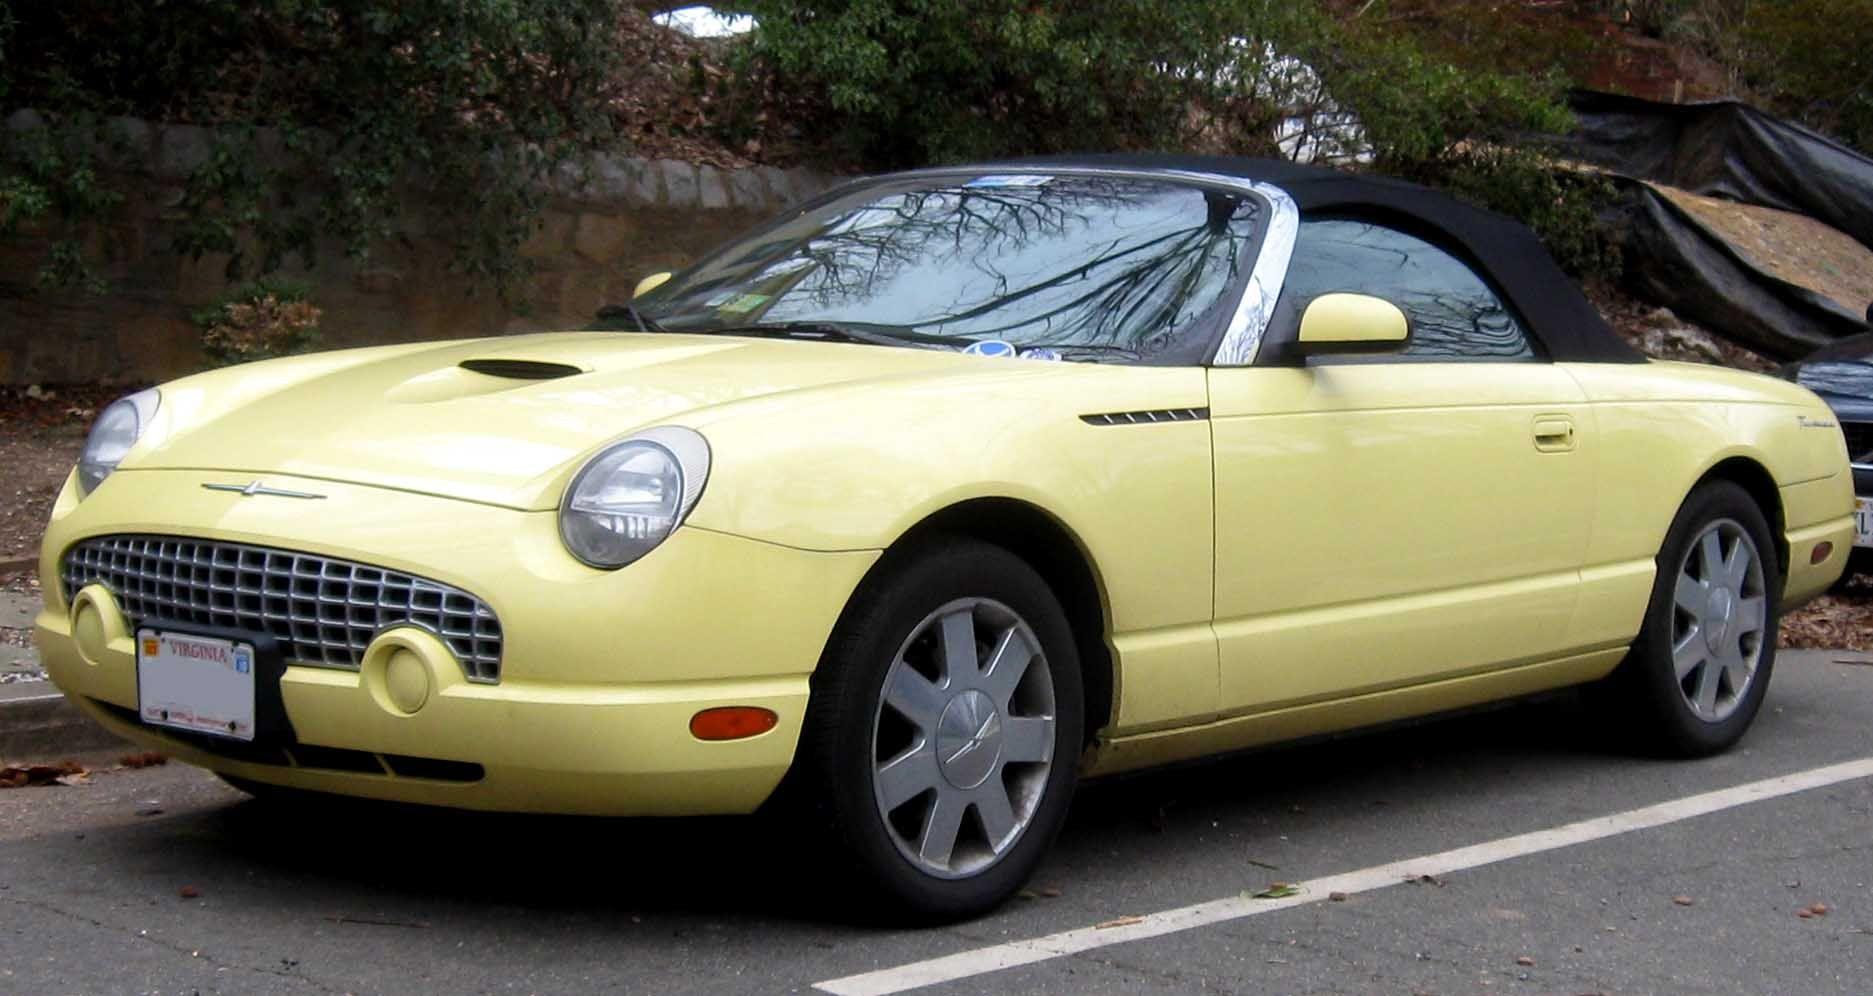 2002 Thunderbird, My Dream Car, Dream Cars, Car Repair Service, Auto Service